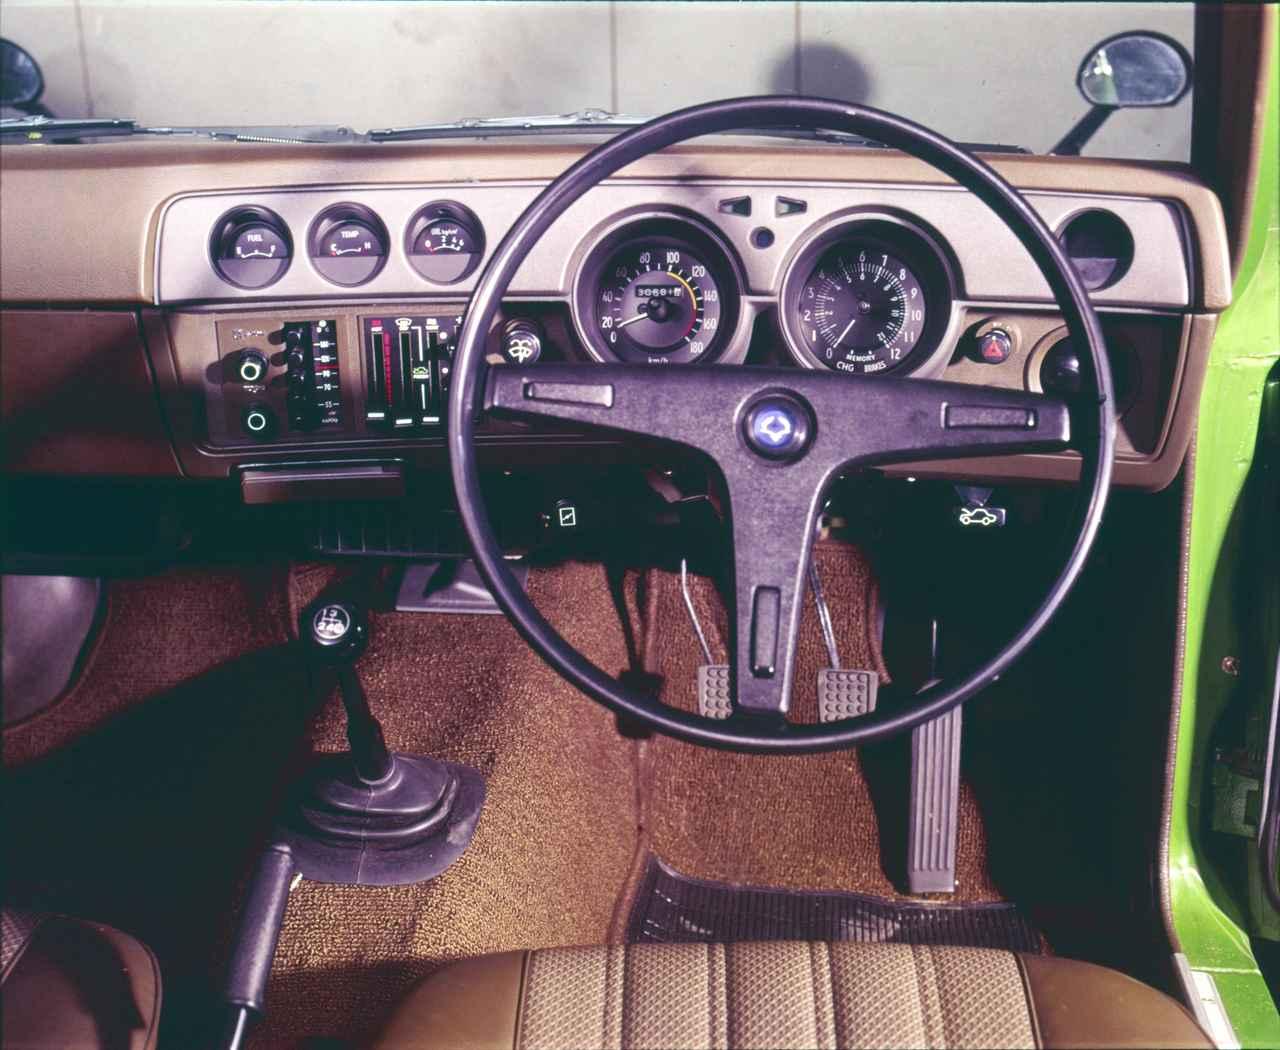 Images : 17番目の画像 - 「【今日は何の日?】初代パブリカスターレット発売「初代スターレットはクーペスタイルだった」46年前 1973年4月11日」のアルバム - Webモーターマガジン